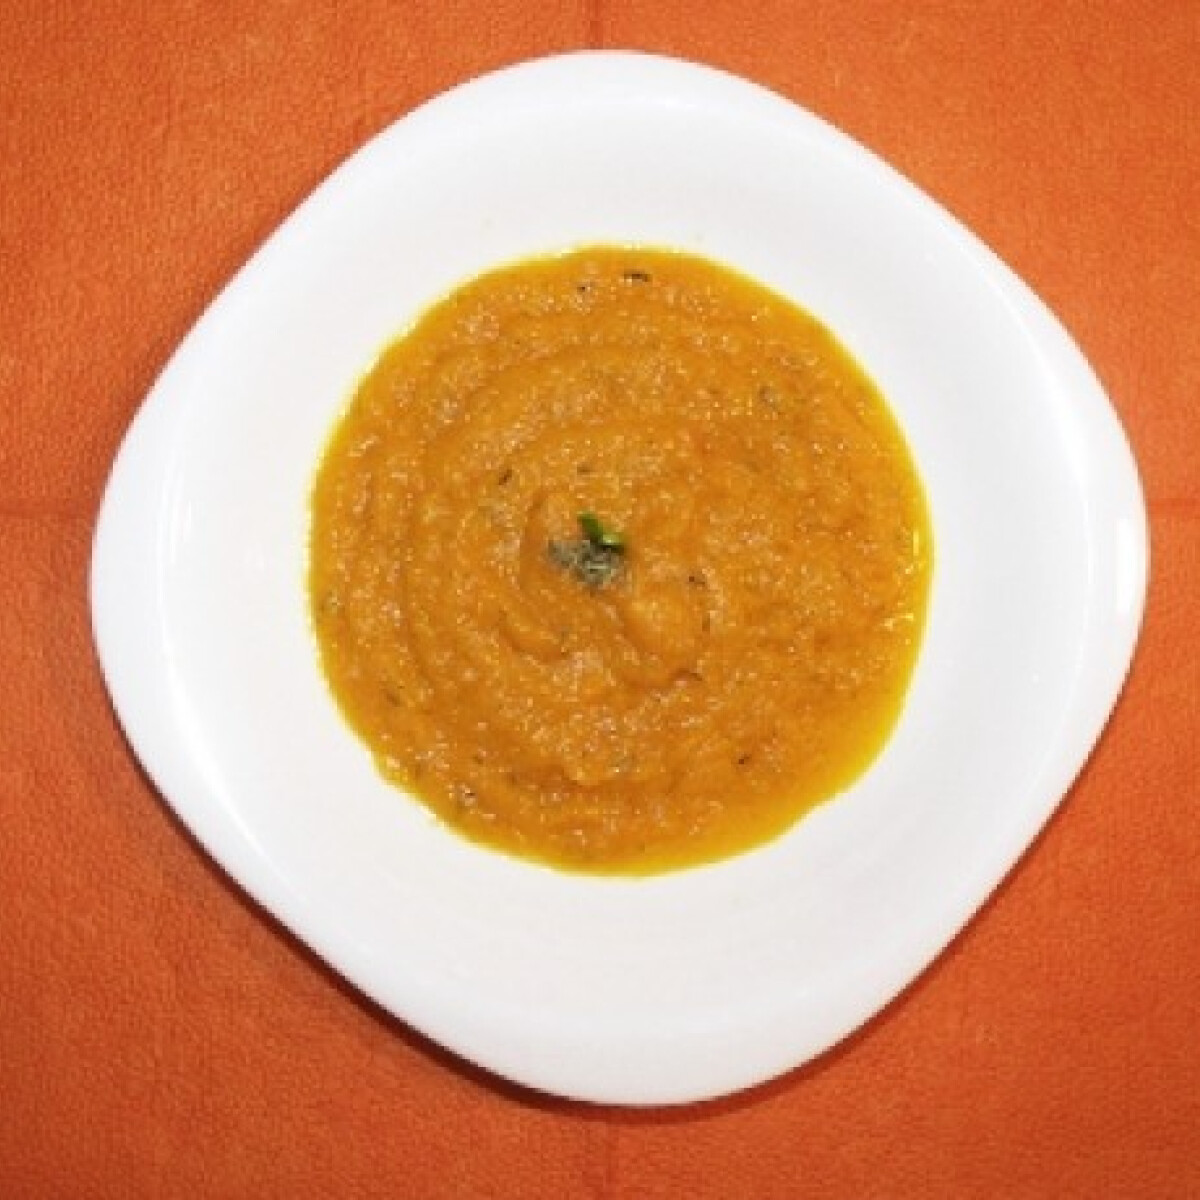 Ezen a képen: Narancsos-gyömbéres sárgarépakrém-leves